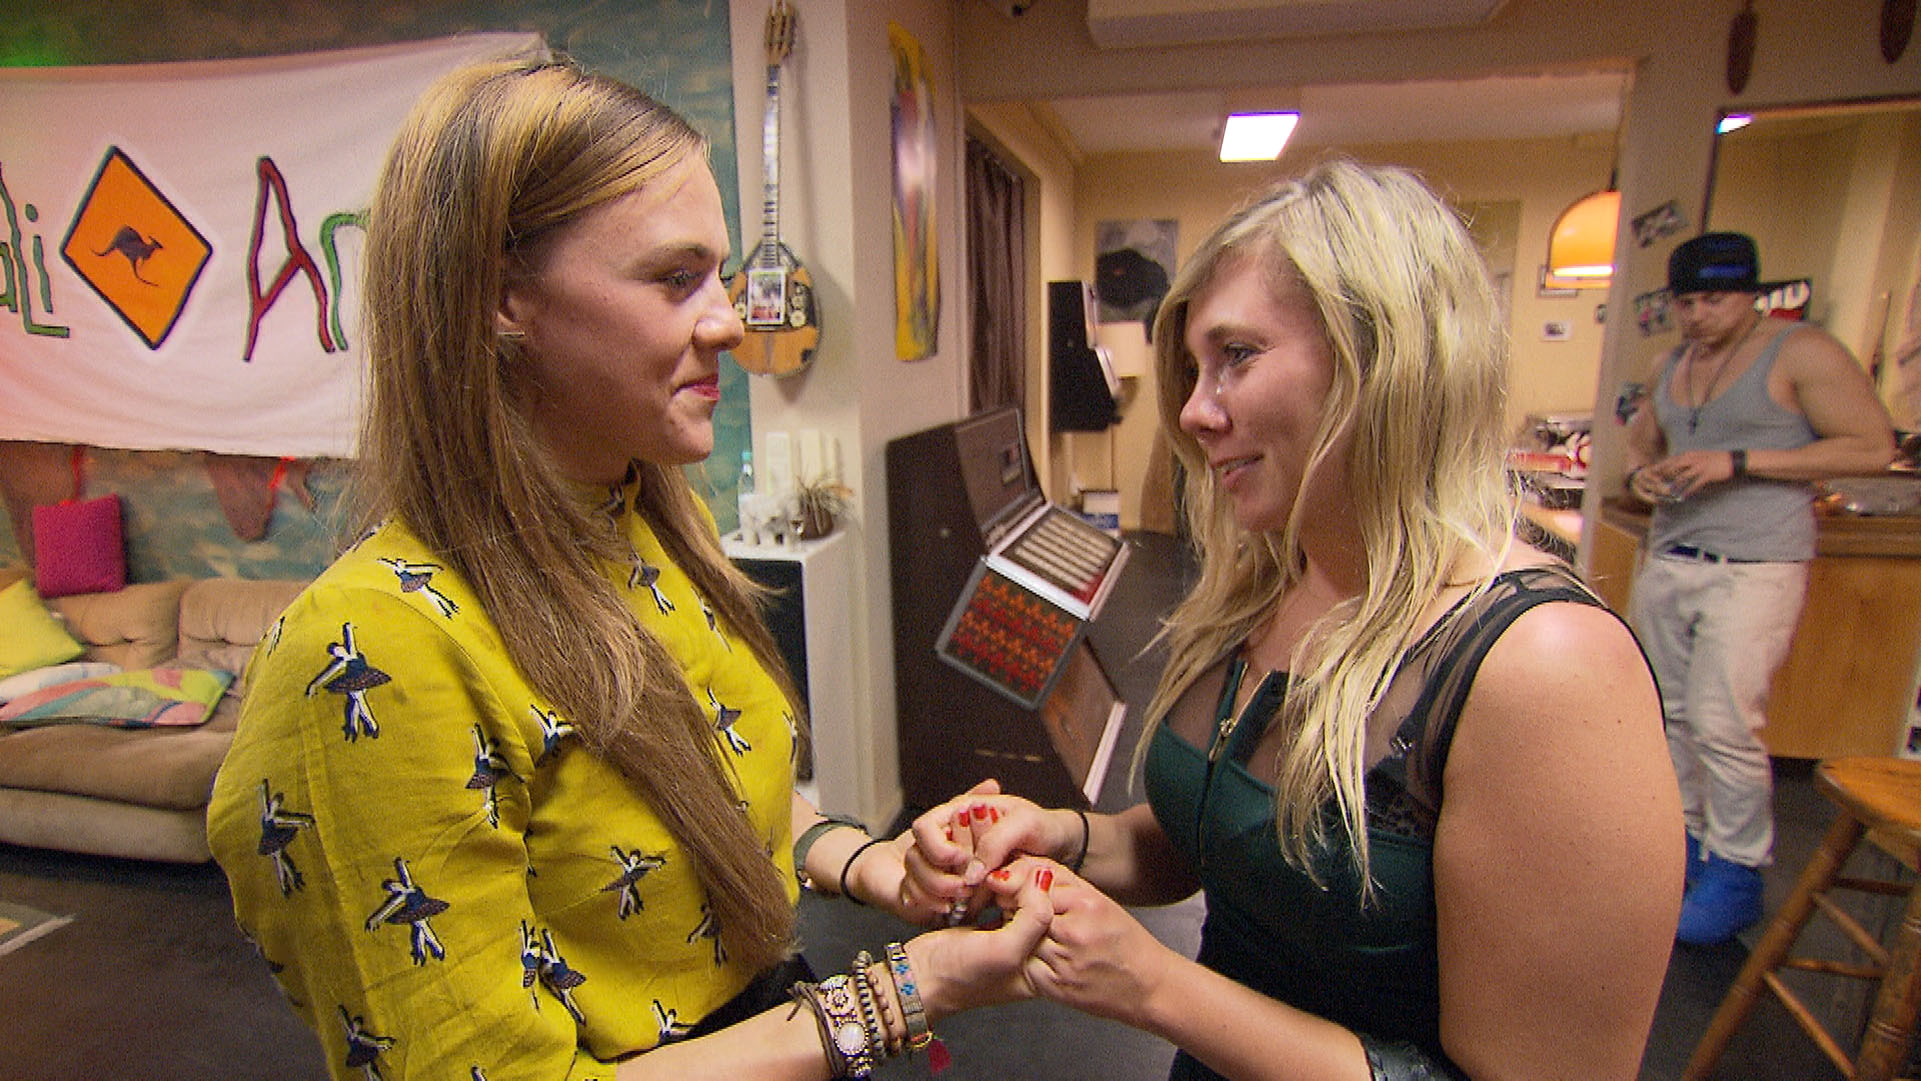 Anna verabschiedet sich von Alex... (Quelle: RTL 2)